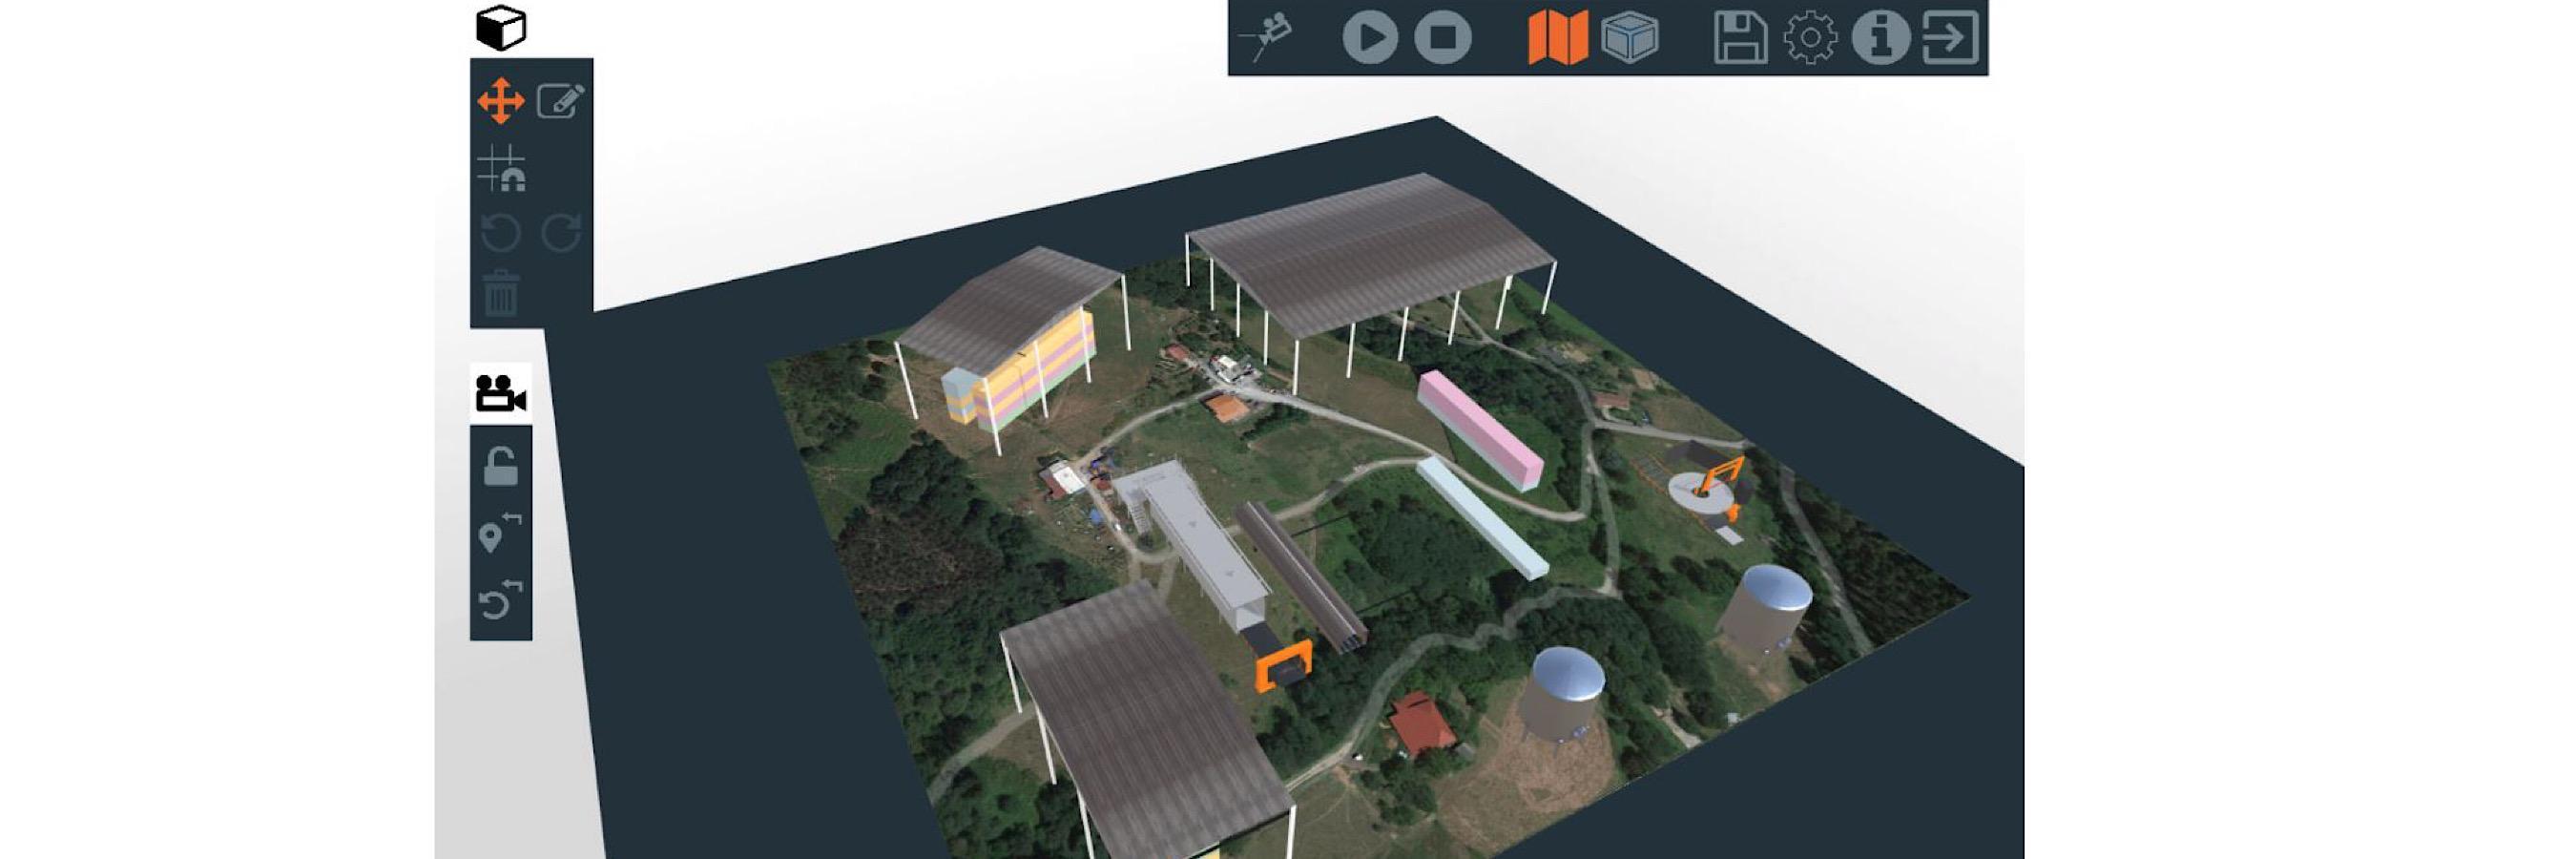 Configur3D es una herramienta multiplataforma con un enorme potencial en el sector industrial